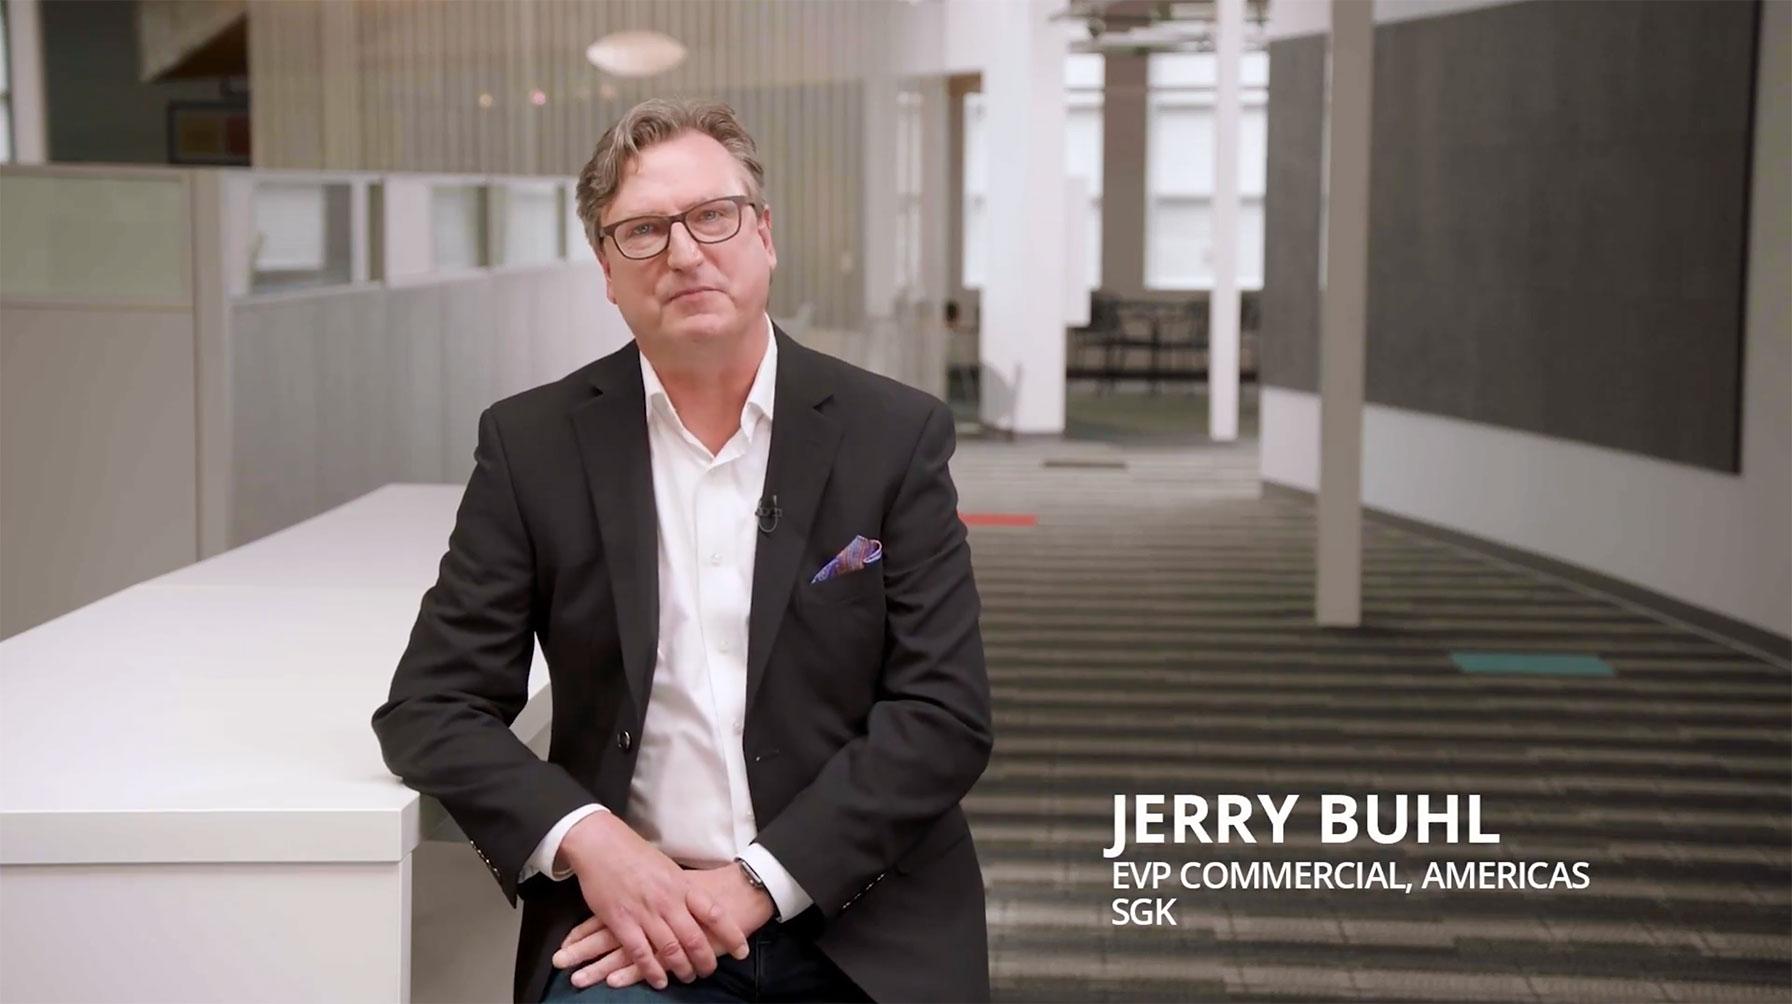 Jerry Buhl